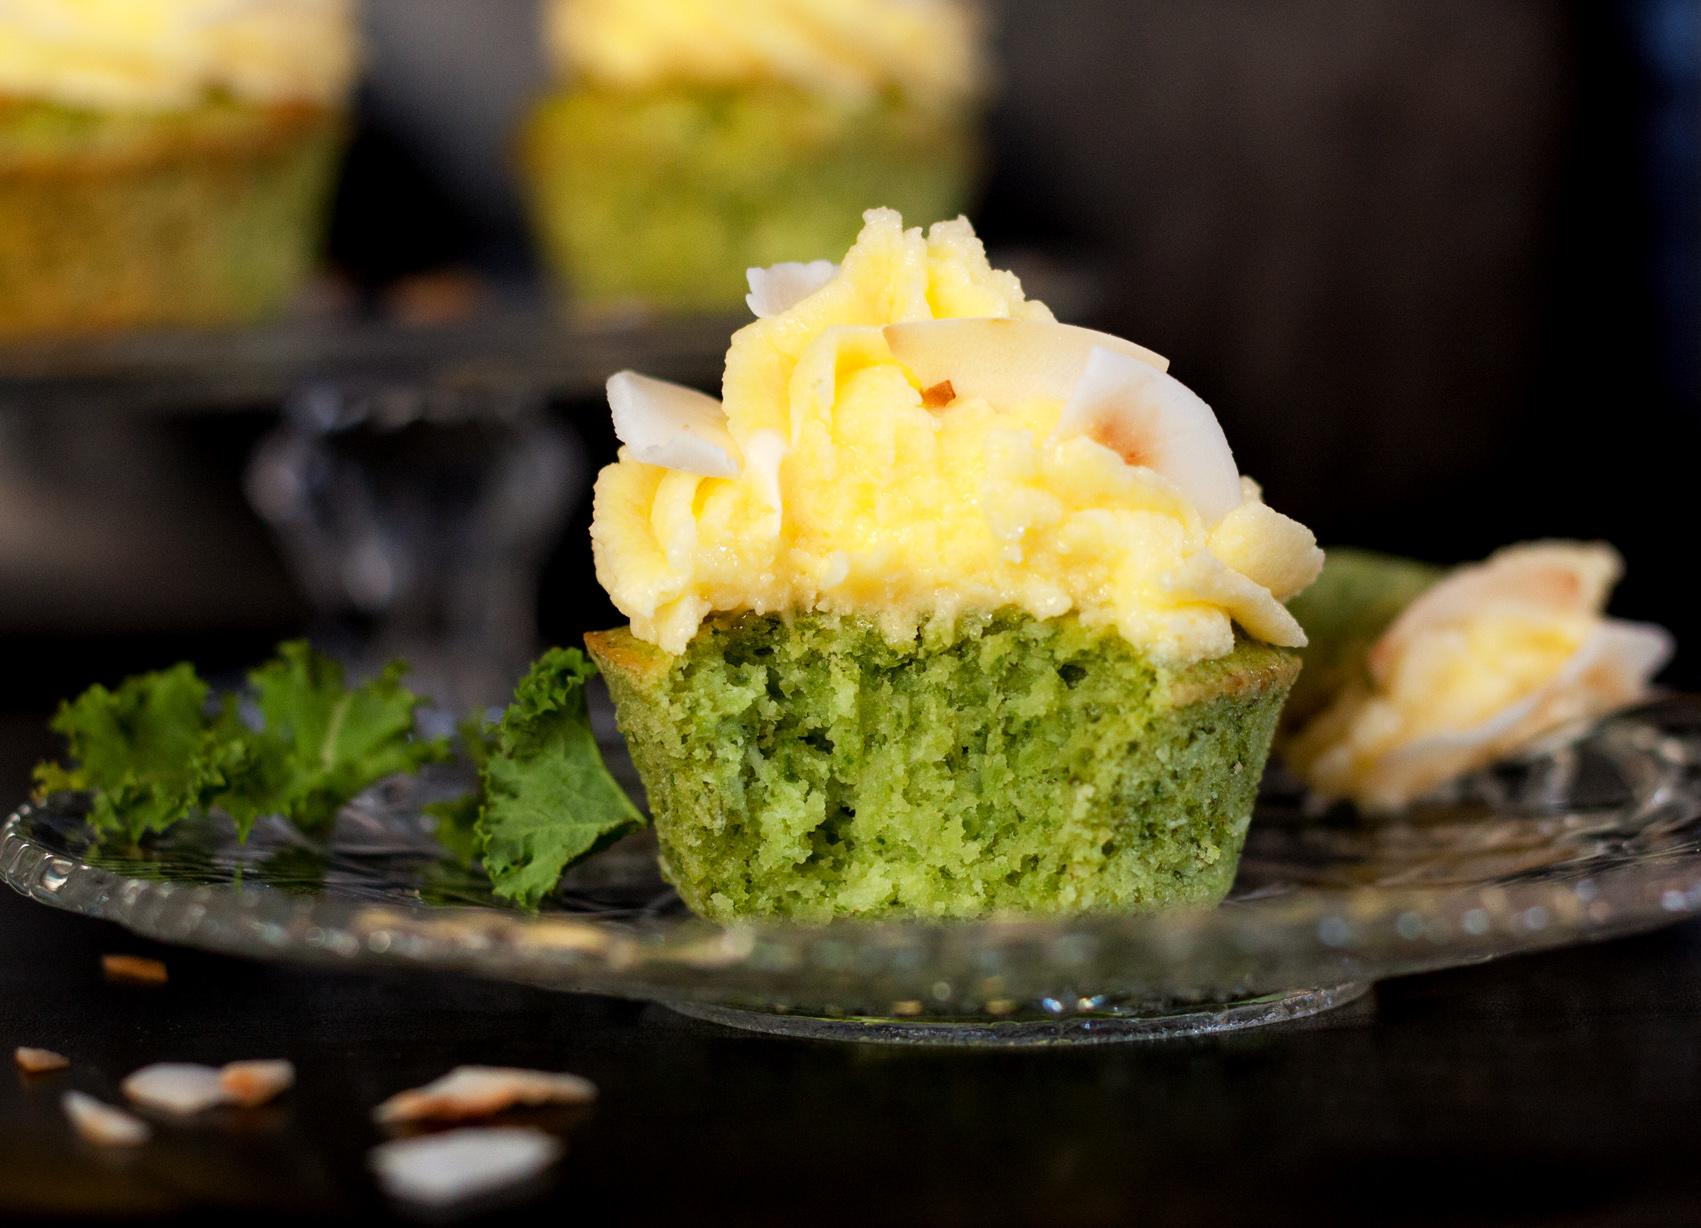 kale cupcake8